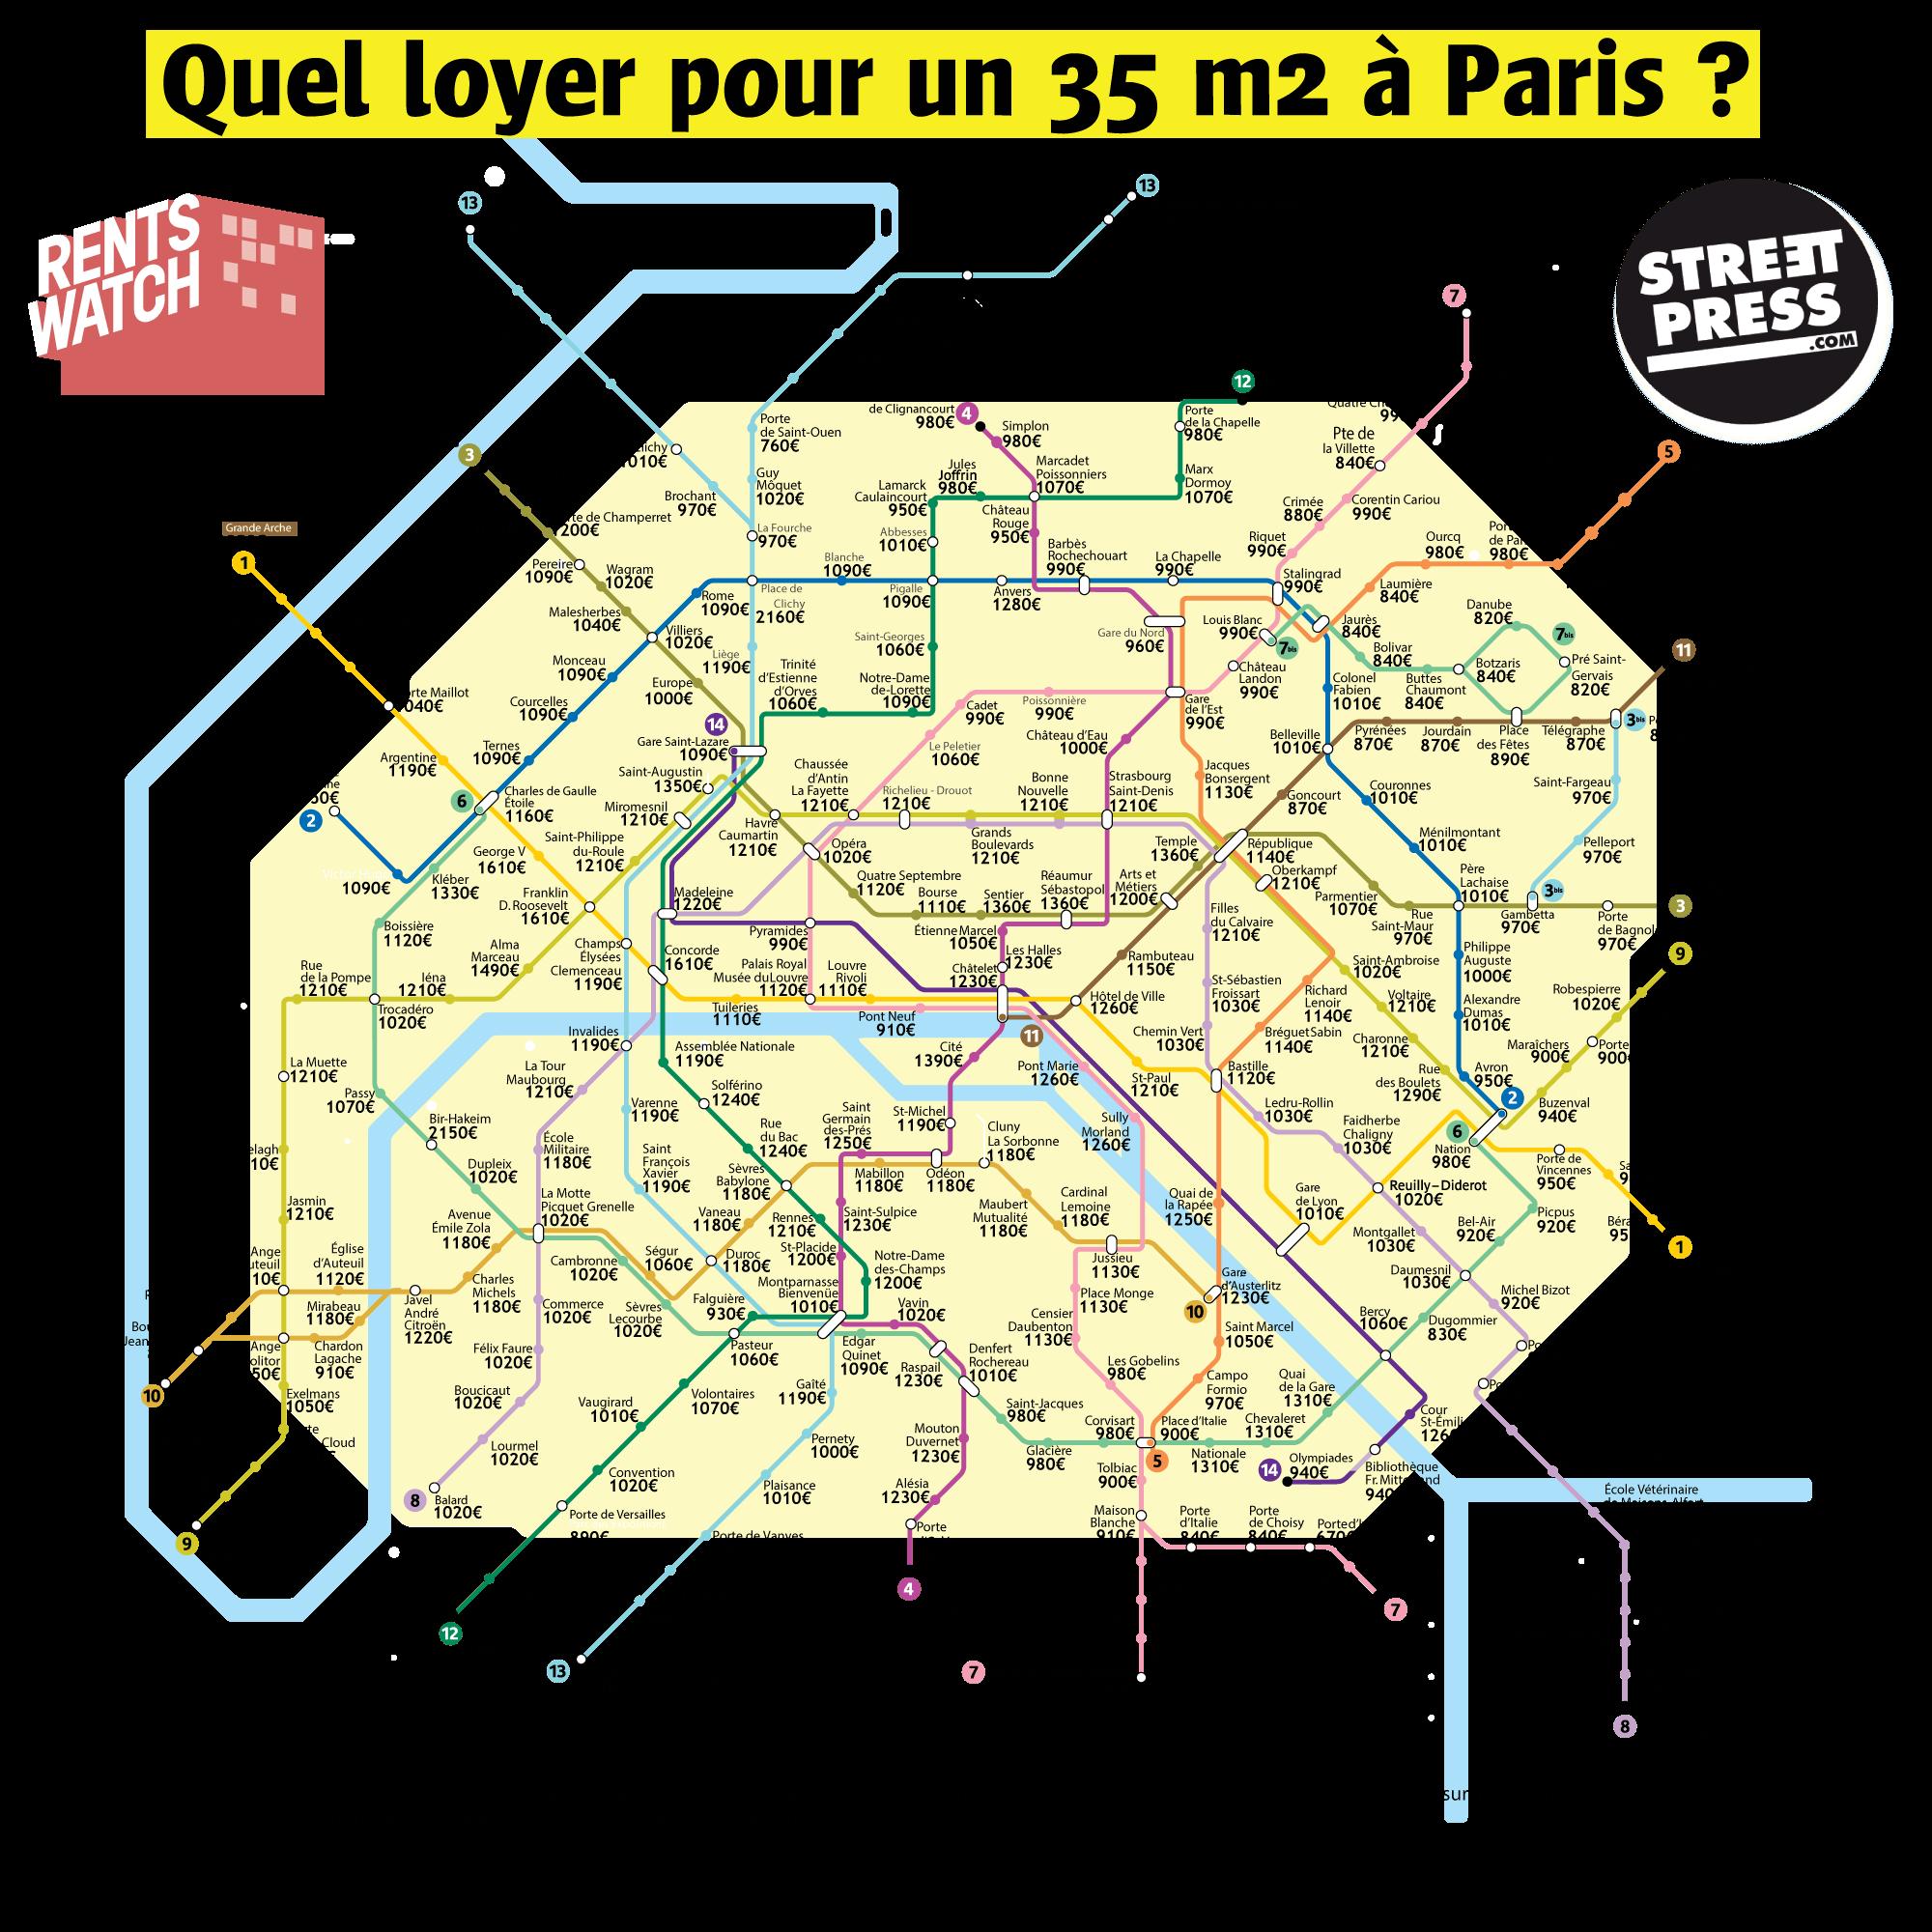 La carte des stations de métro selon le prix des loyers à Paris